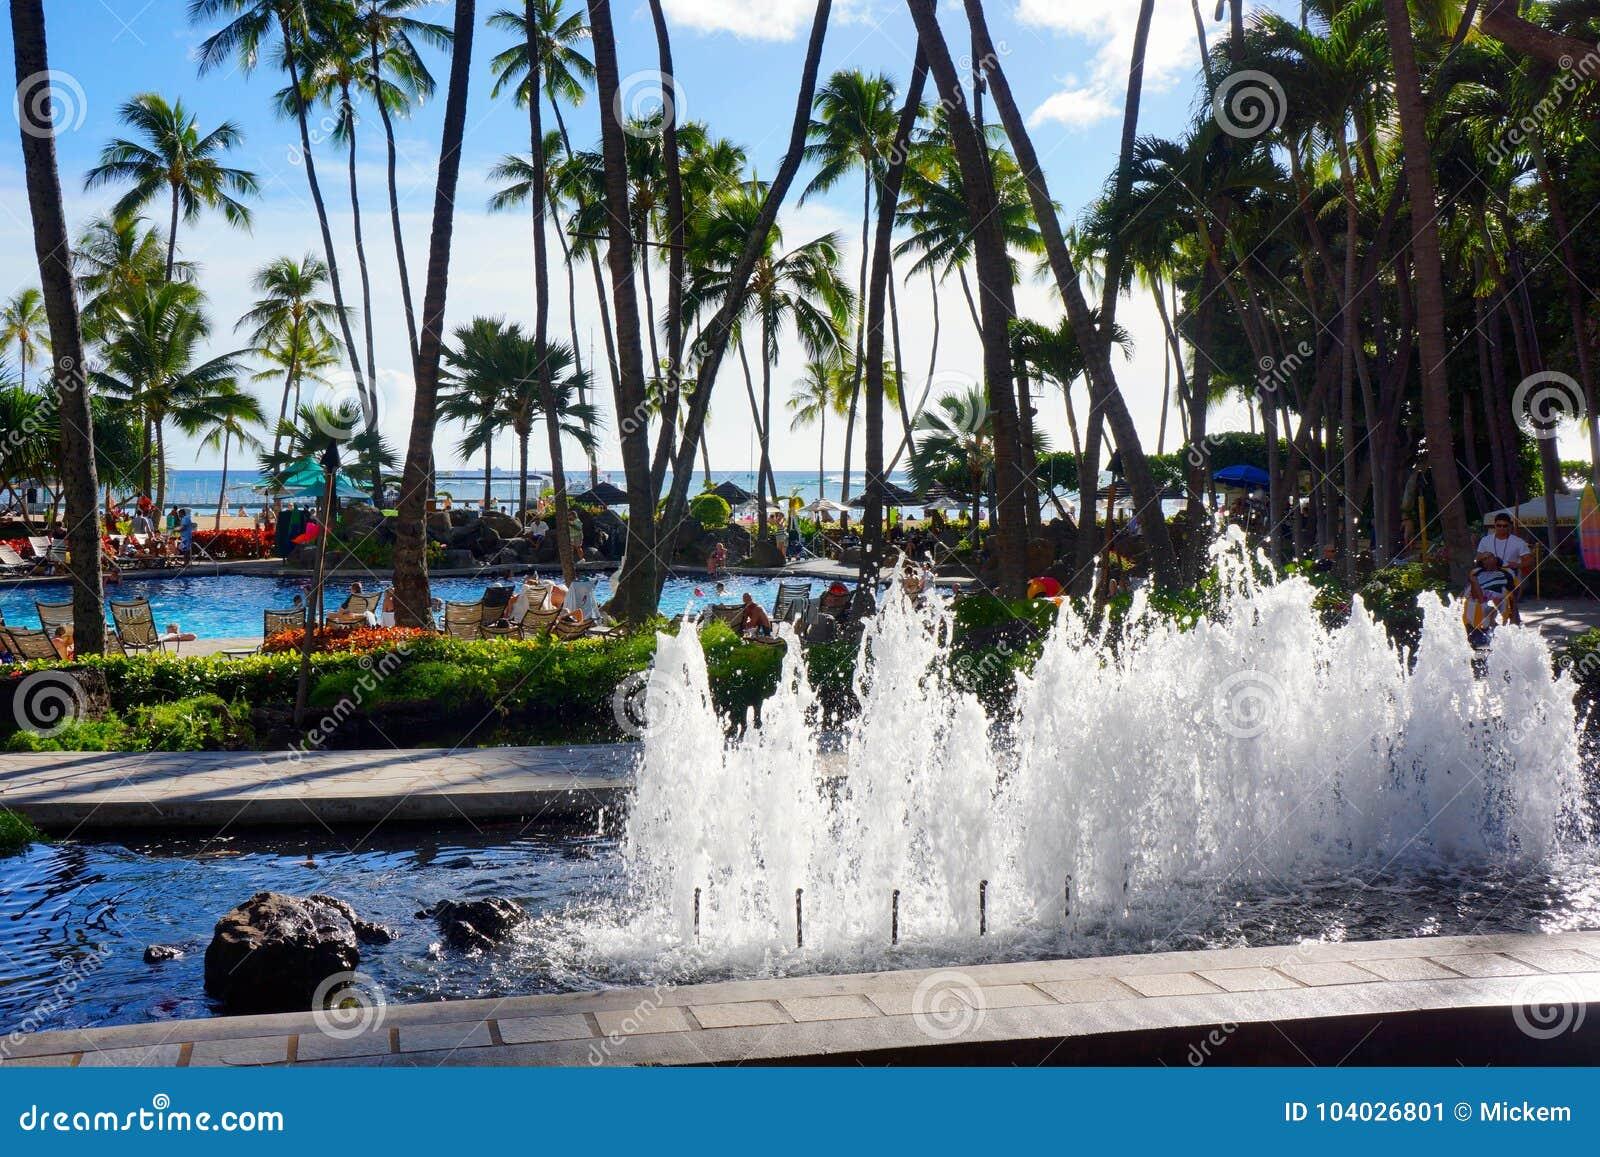 Hilton Hawaiian Village Waikiki Beach Resort Editorial Photo